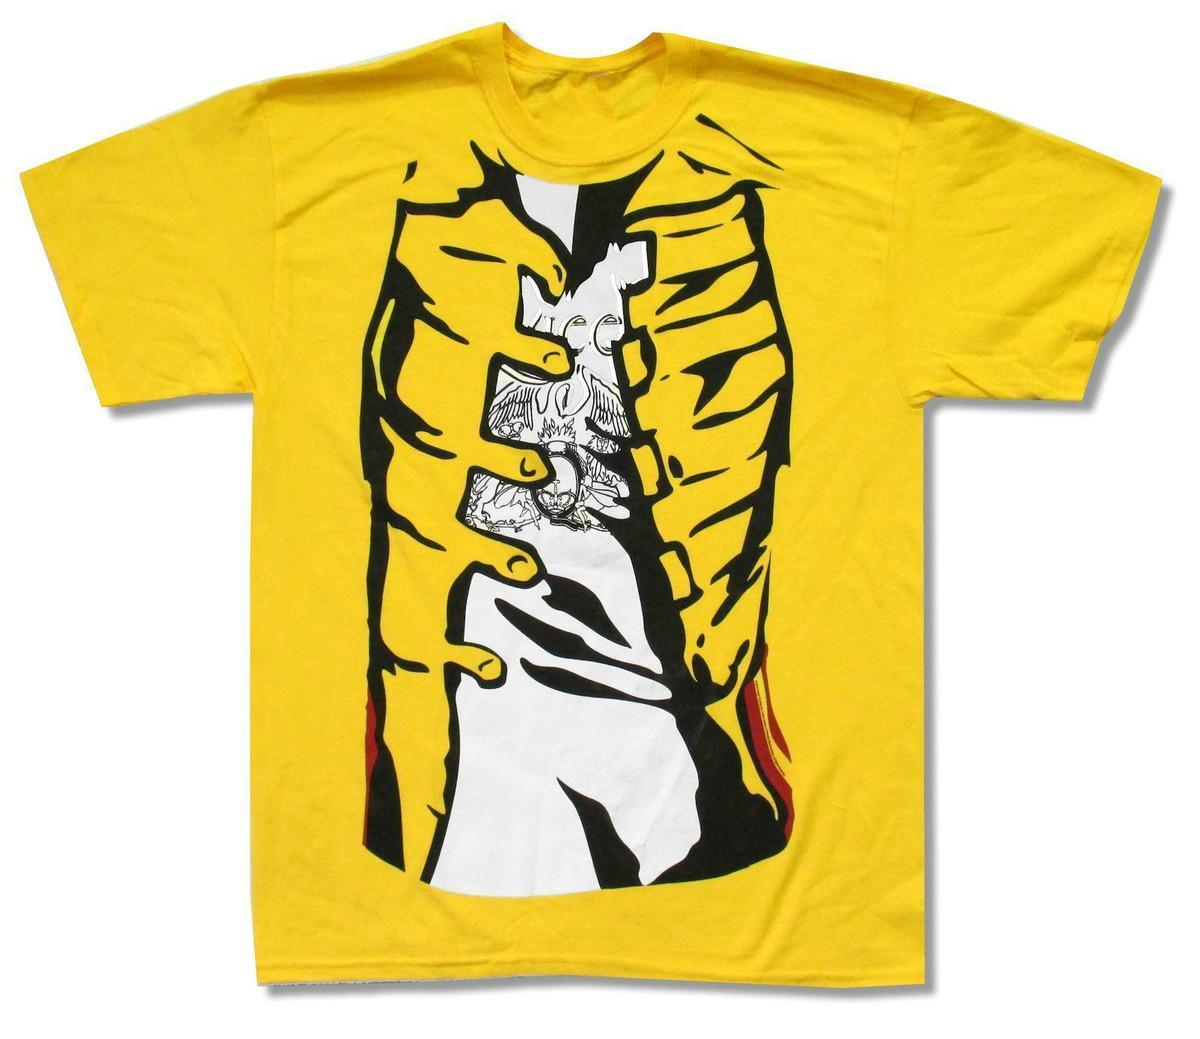 59a5676afe3aa Compre Reina Freddie s Jacket Camiseta Amarillo Nuevo Oficial Mercury  Adulto Camiseta De Algodón Moda Envío Gratis Funny T Shirt Hombres A  11.92  Del ...